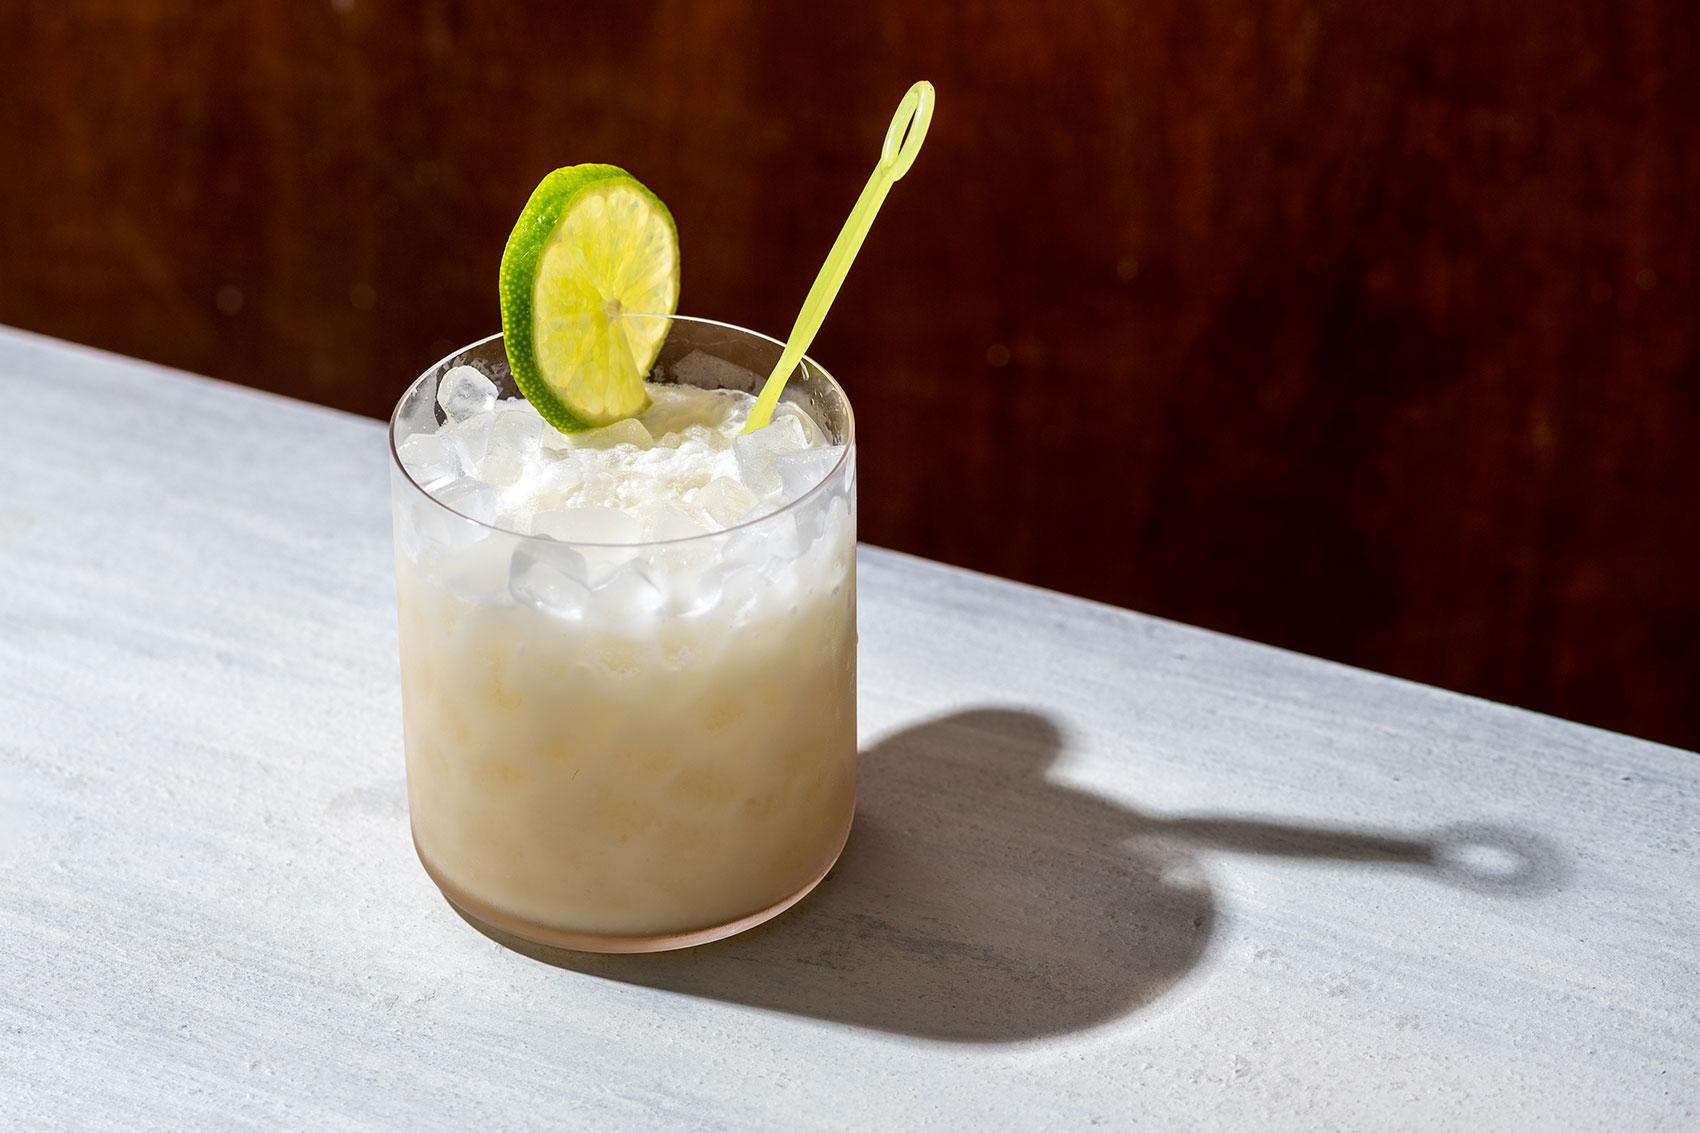 No alcohol, no problem: How to make complex, balanced zero-proof cocktails